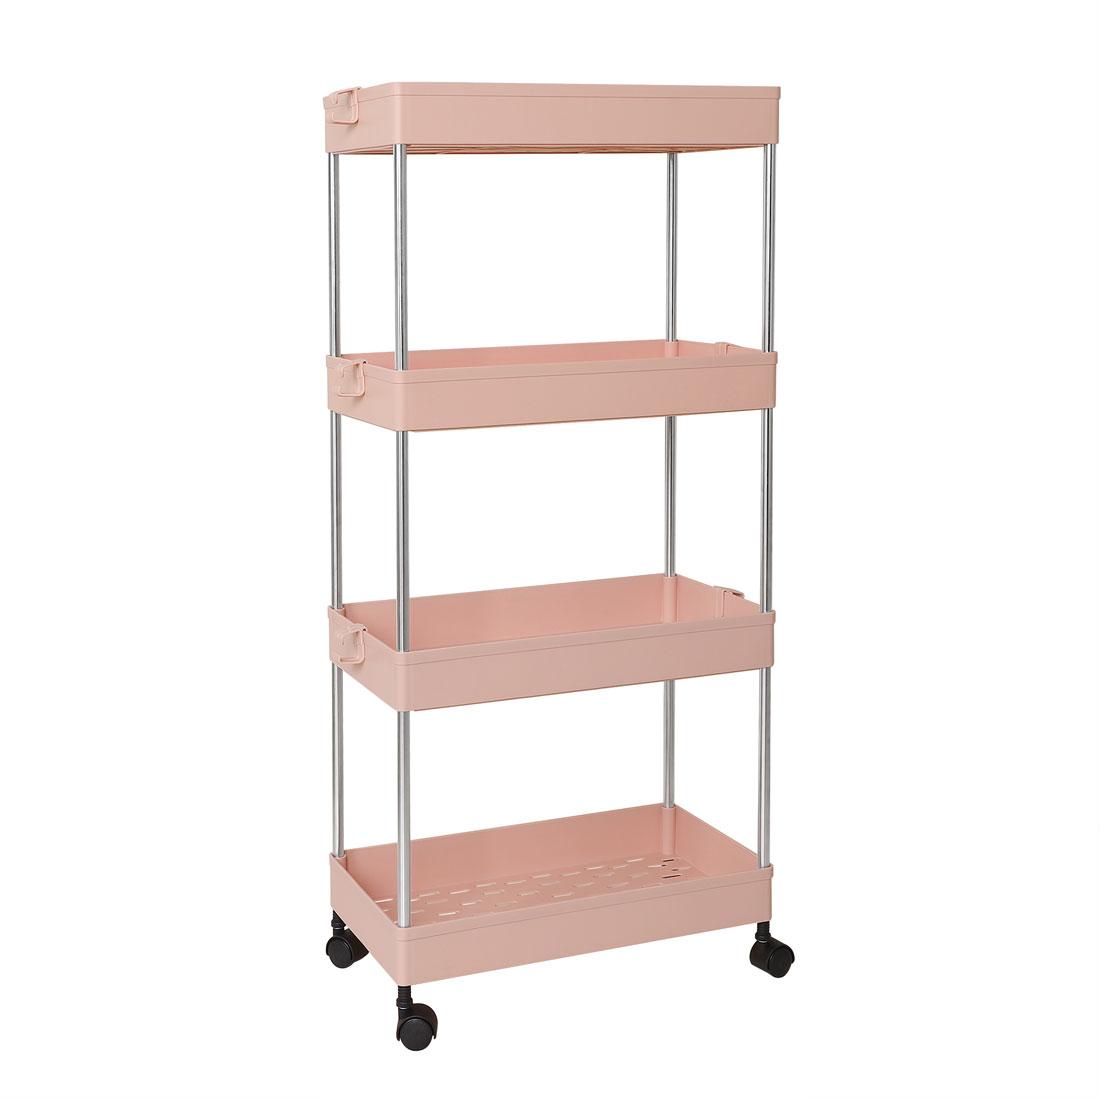 4 Tiers Storage Rolling Cart Organizer Rack w/ Wheels for Bath Kitchen Pink